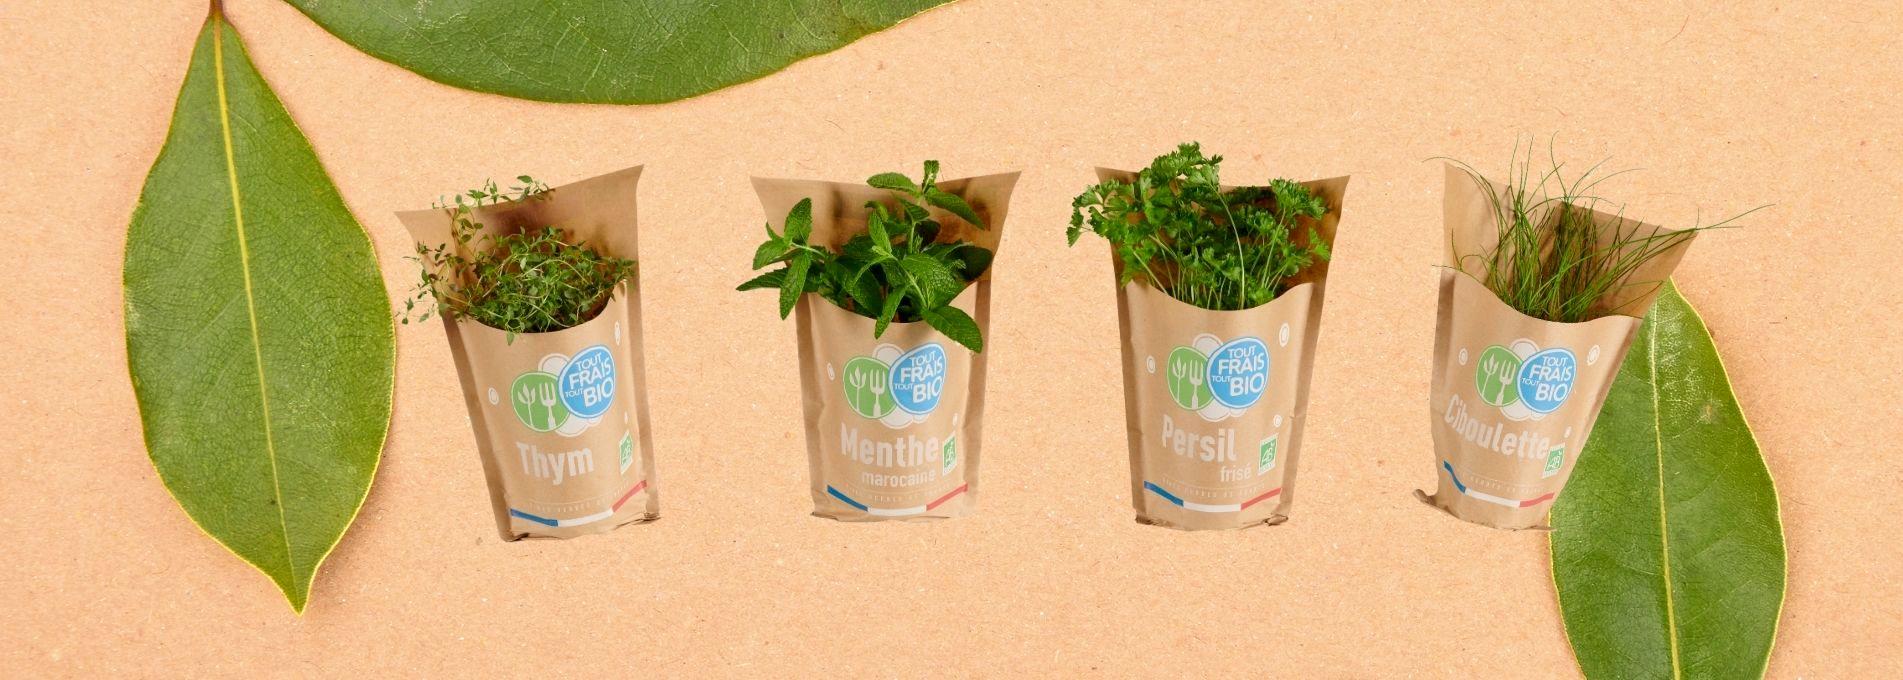 BIOPLANTS choisit le kraft durable pour ses herbes aromatiques bio